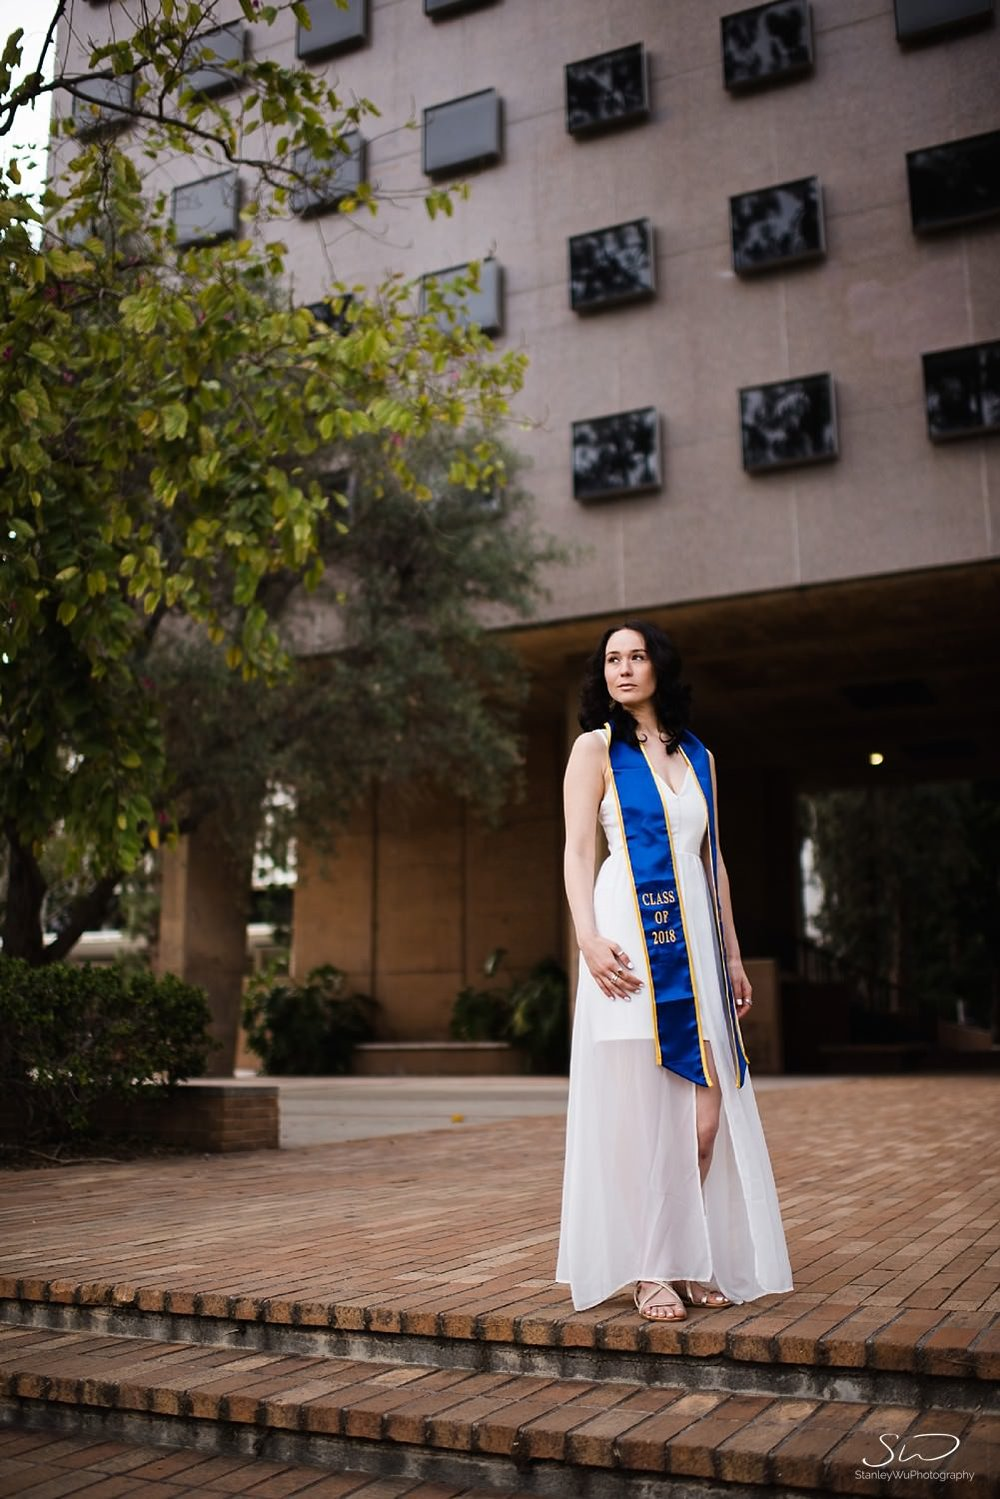 los-angeles-ucla-graduation-senior-portraits_0049.jpg